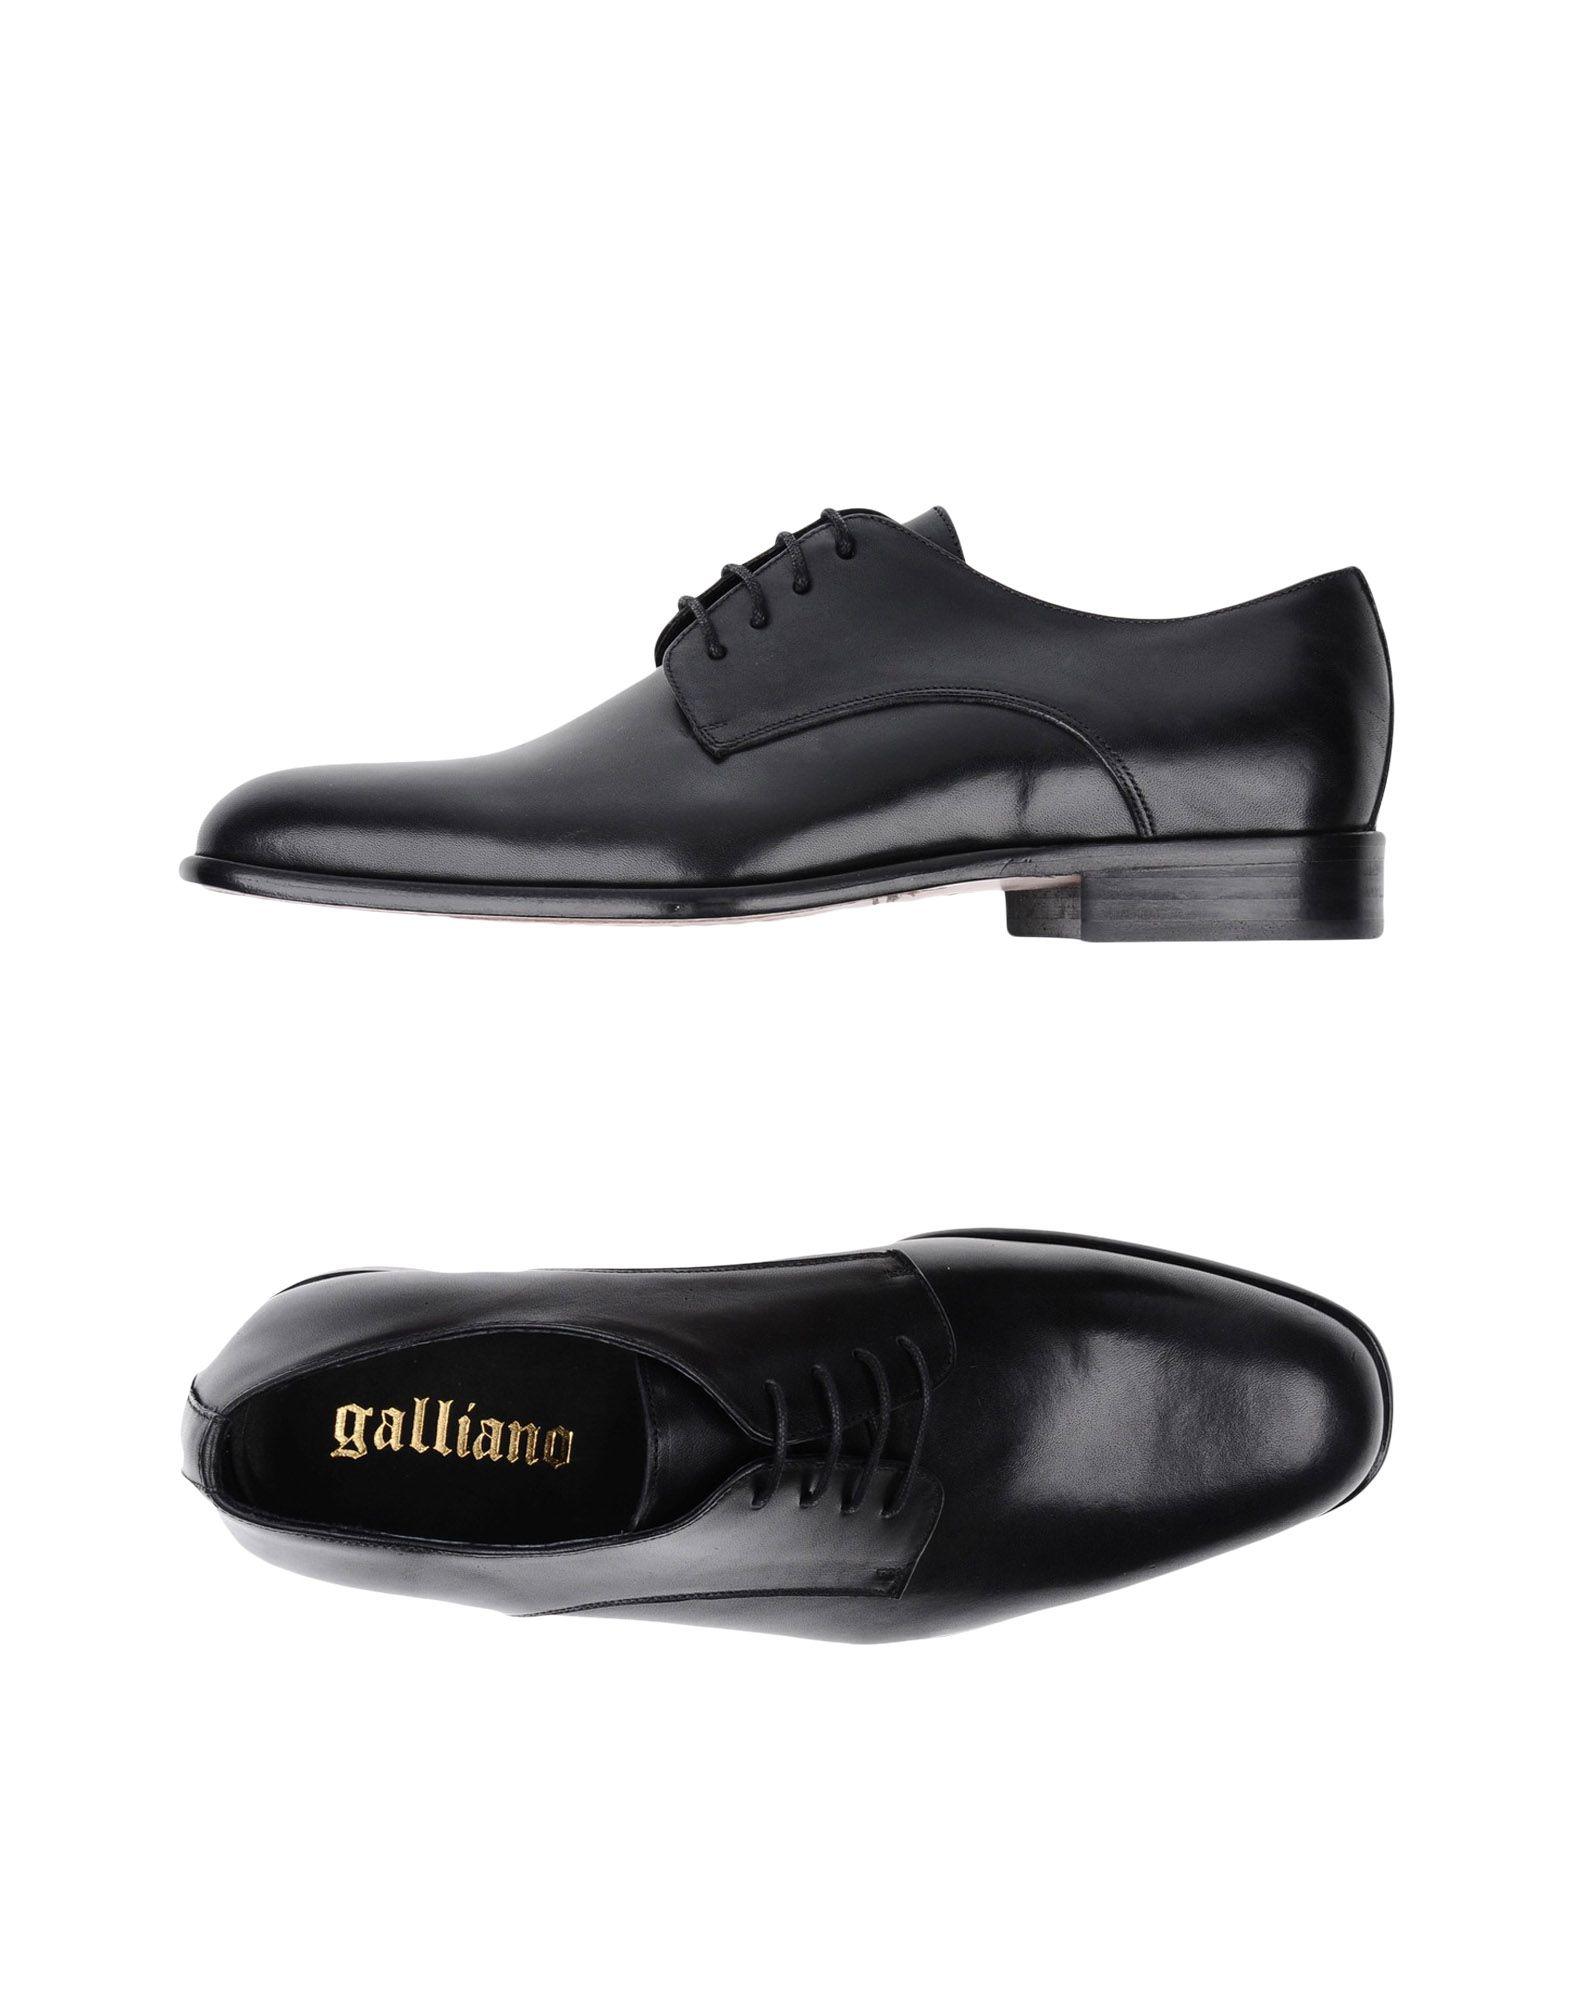 Stringate Galliano Uomo - Acquista online su